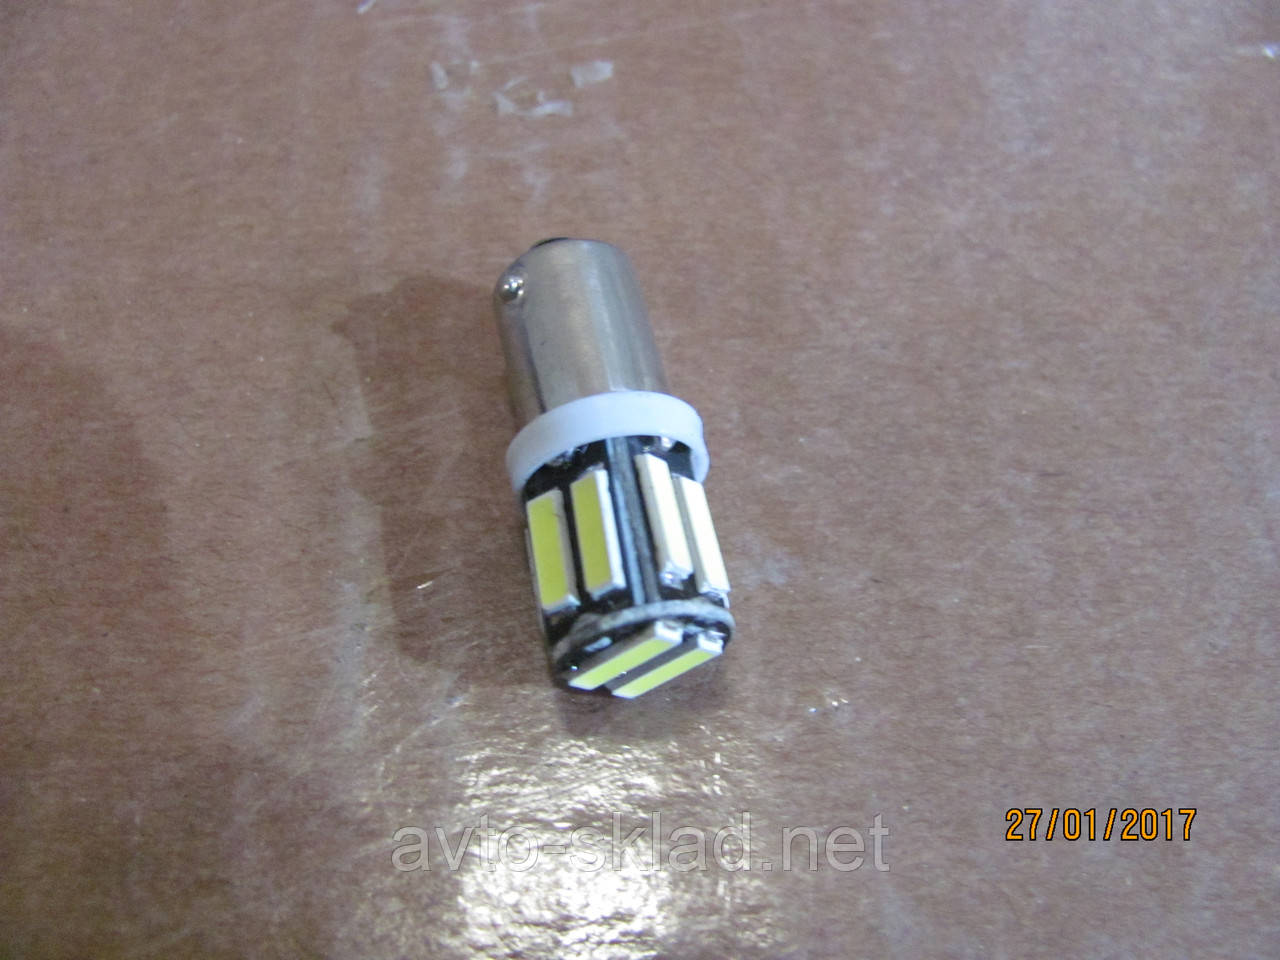 Лампа диод цоколь малый габаритов 10SMD диодов ярко белый